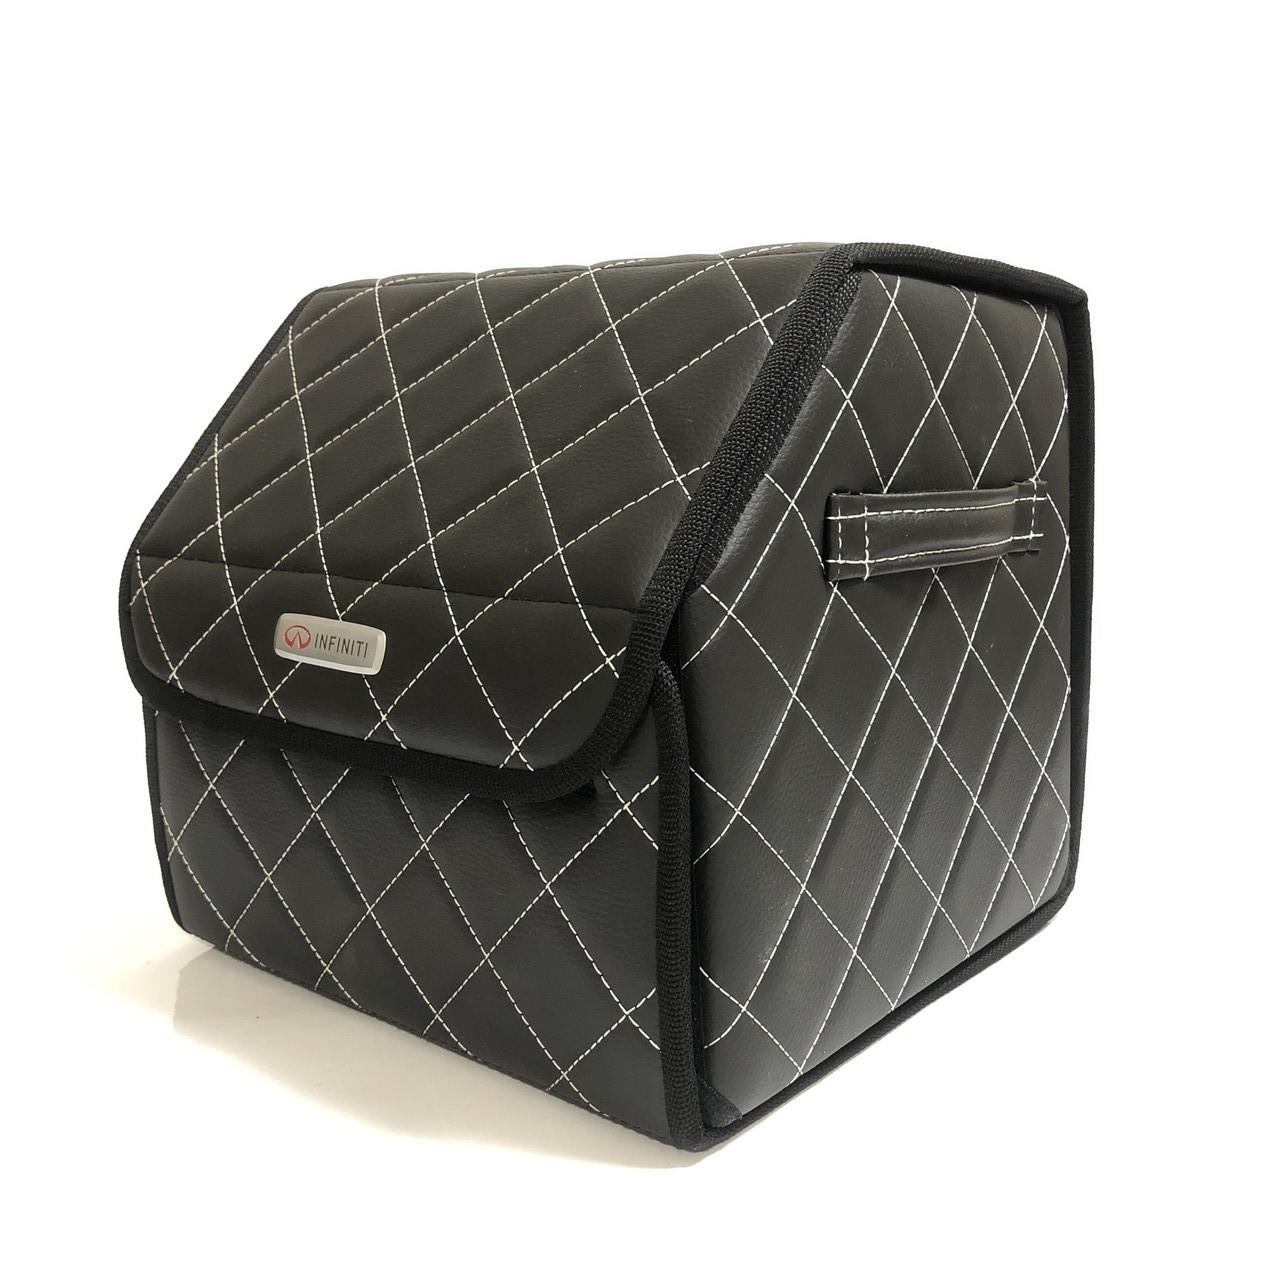 Саквояж с лого в багажник «Infiniti» I Органайзер в авто черный Инфинити